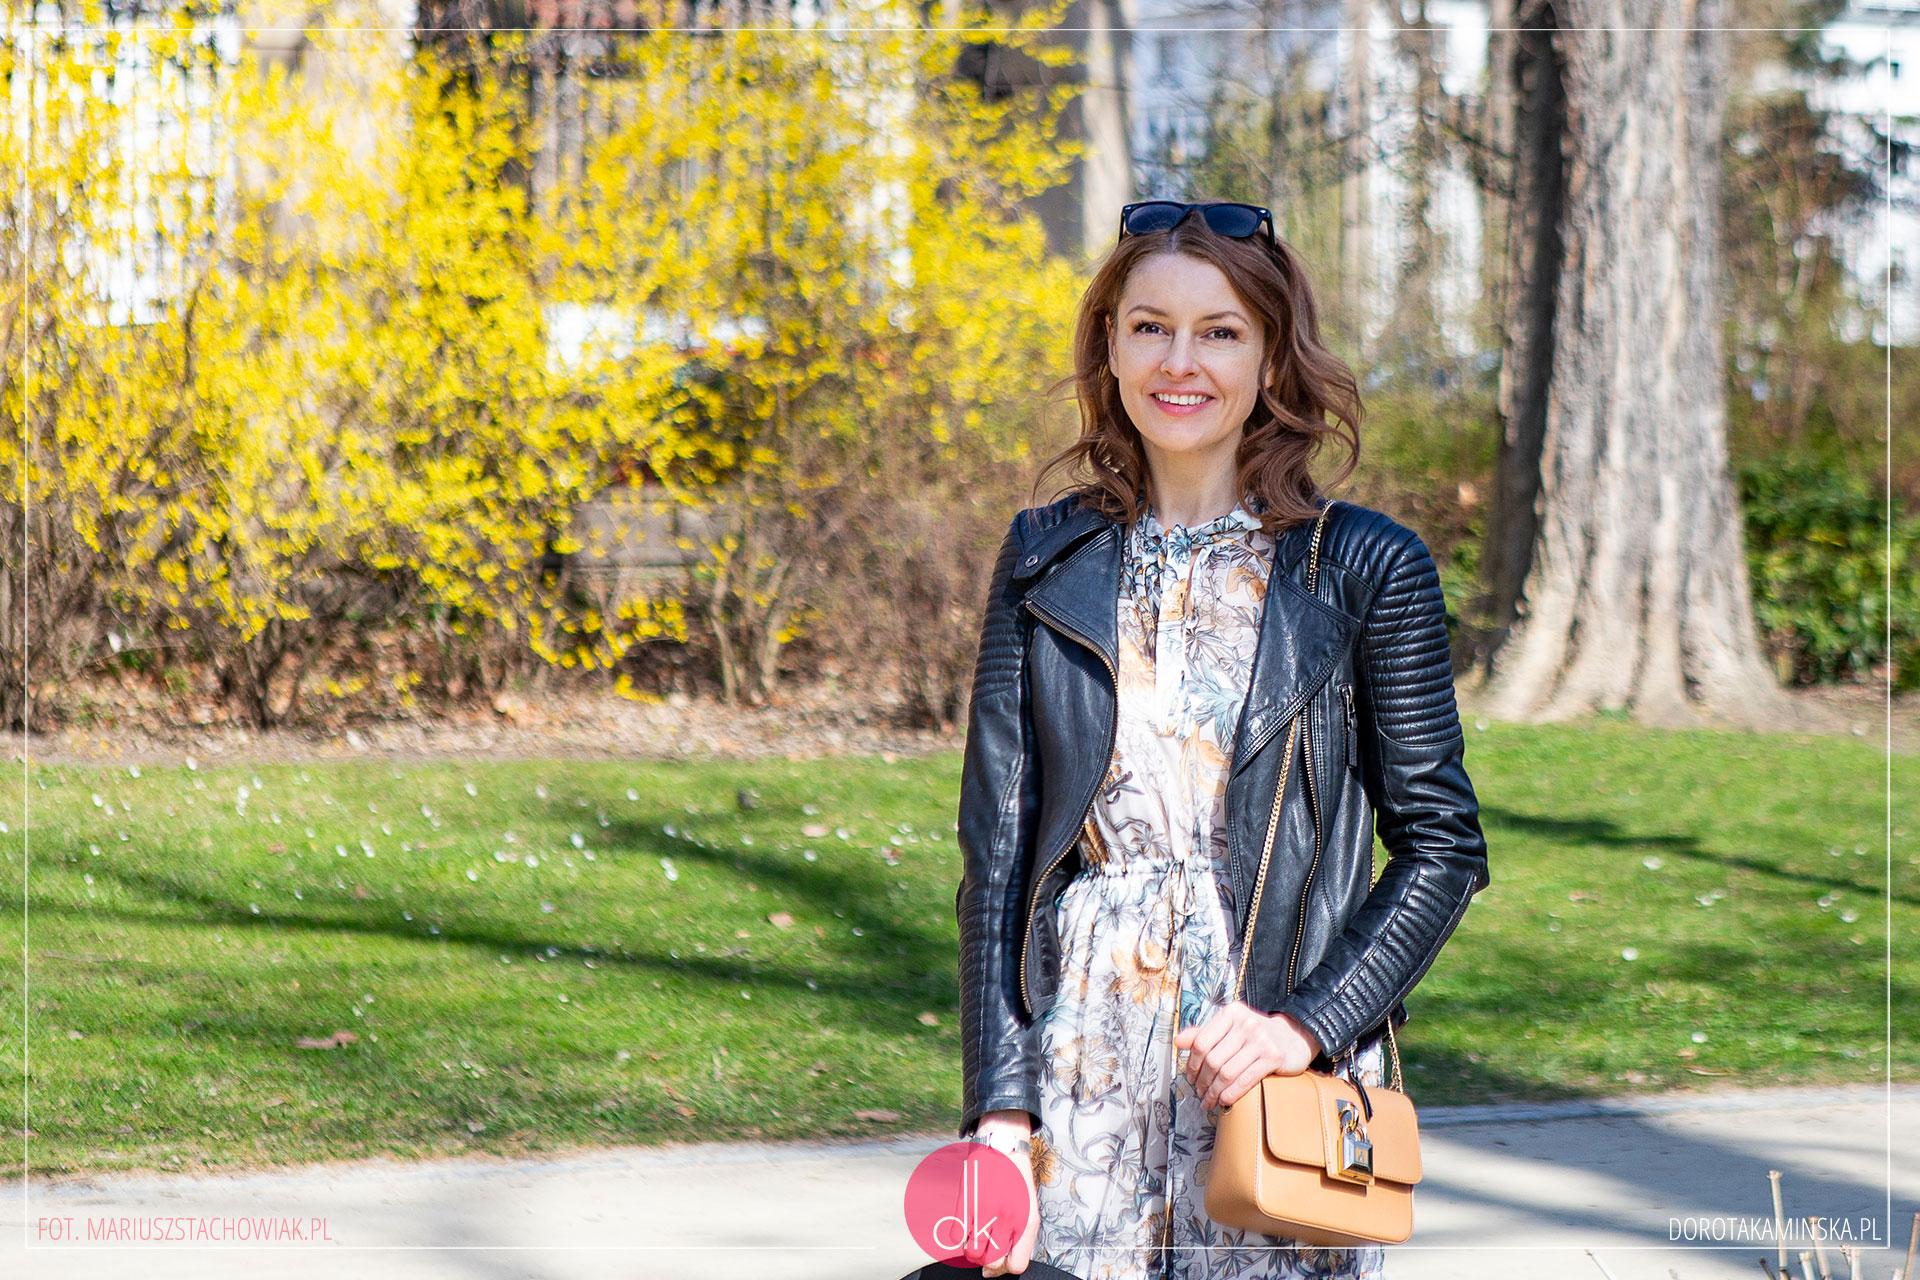 219d4ace Wiosenna sukienka w kwiaty - stylizacja z ramoneską   Dorota Kamińska